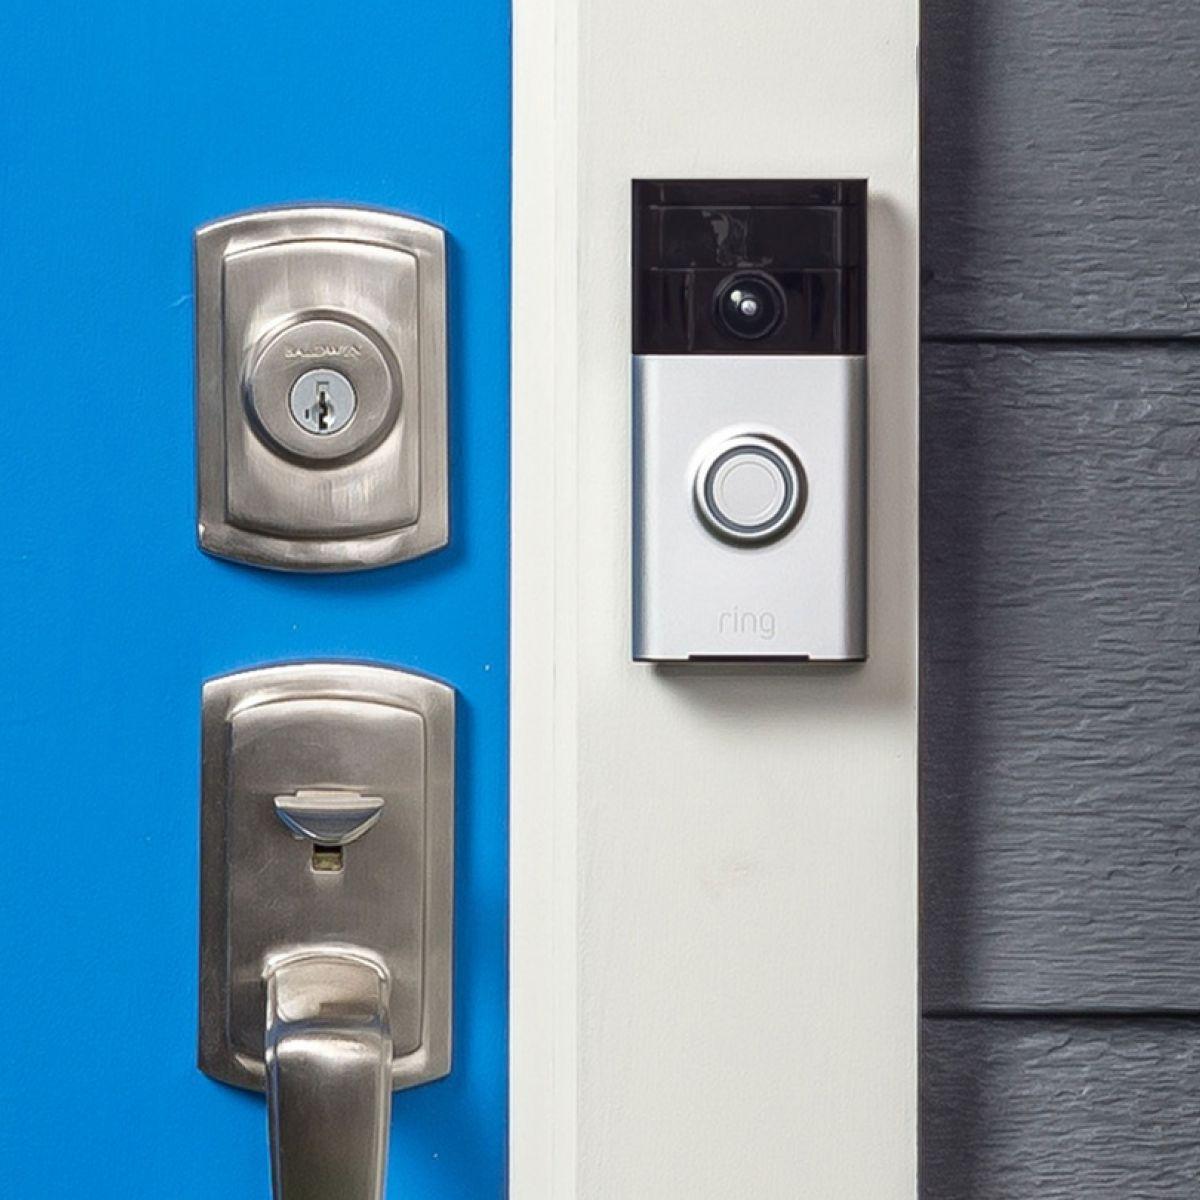 Video doorbell that brings visitor screening to houses